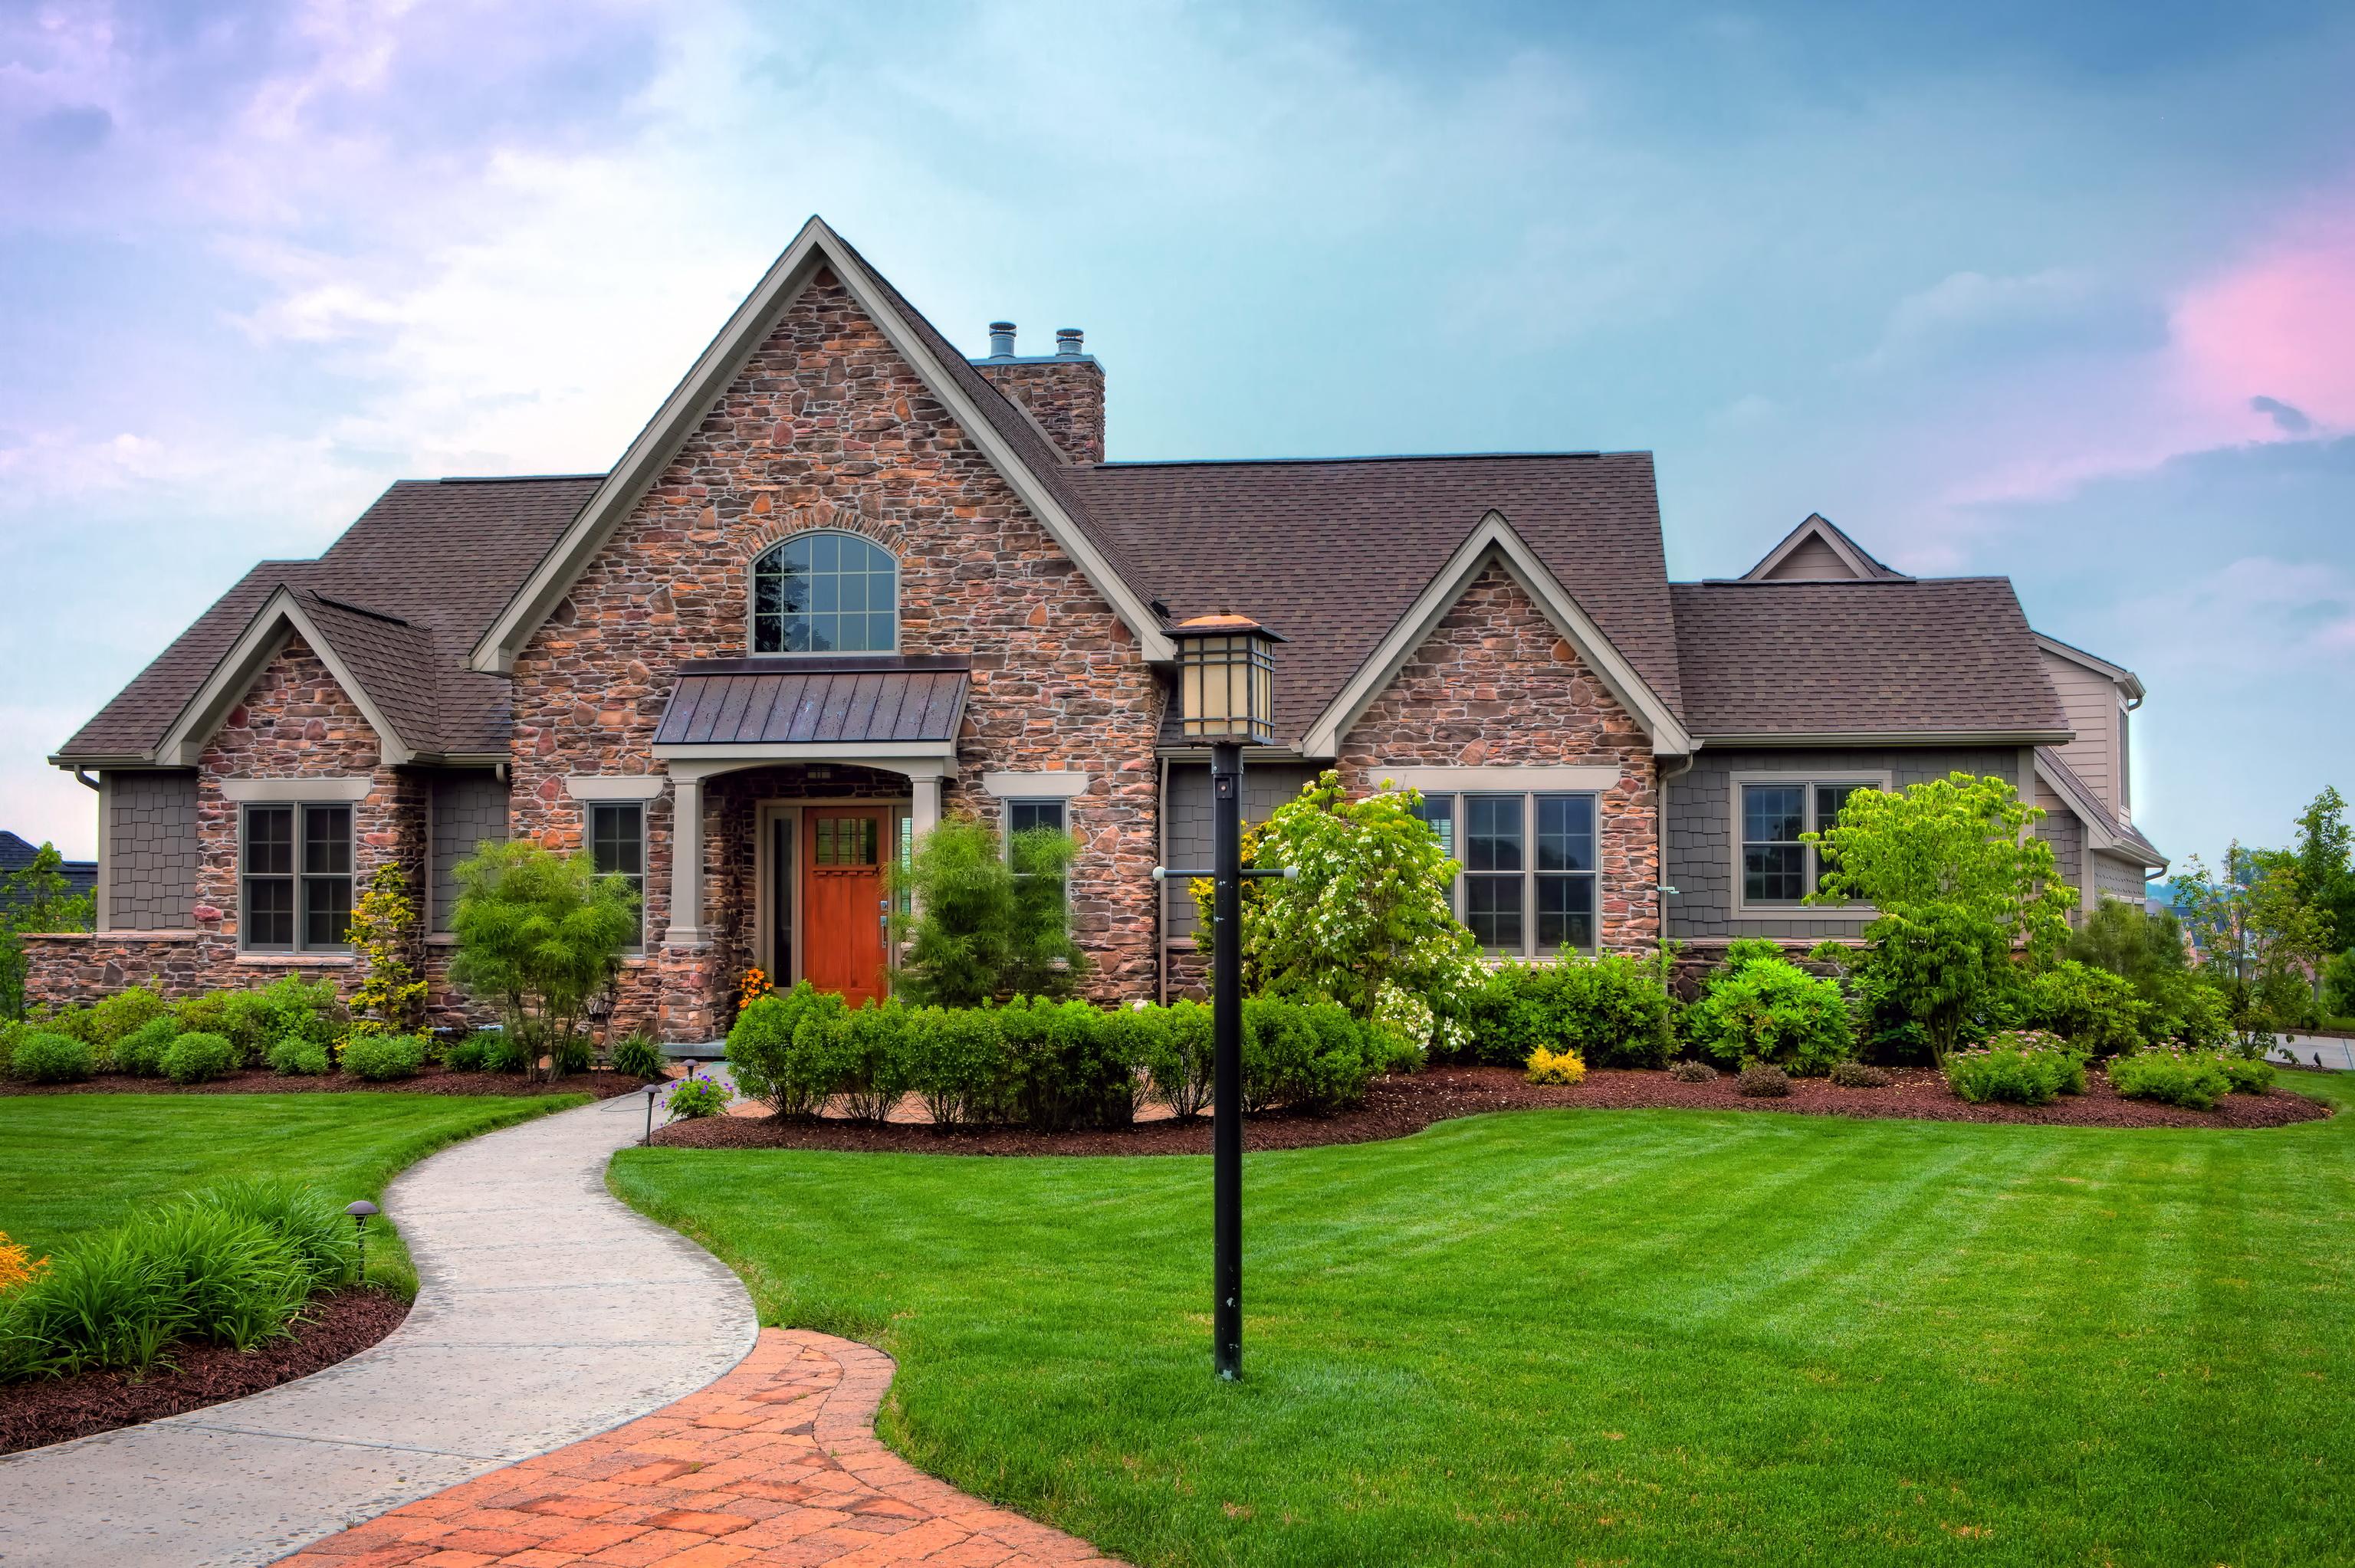 Landscape Houses photos mansion lawn grass cities building landscape design 3072x2046